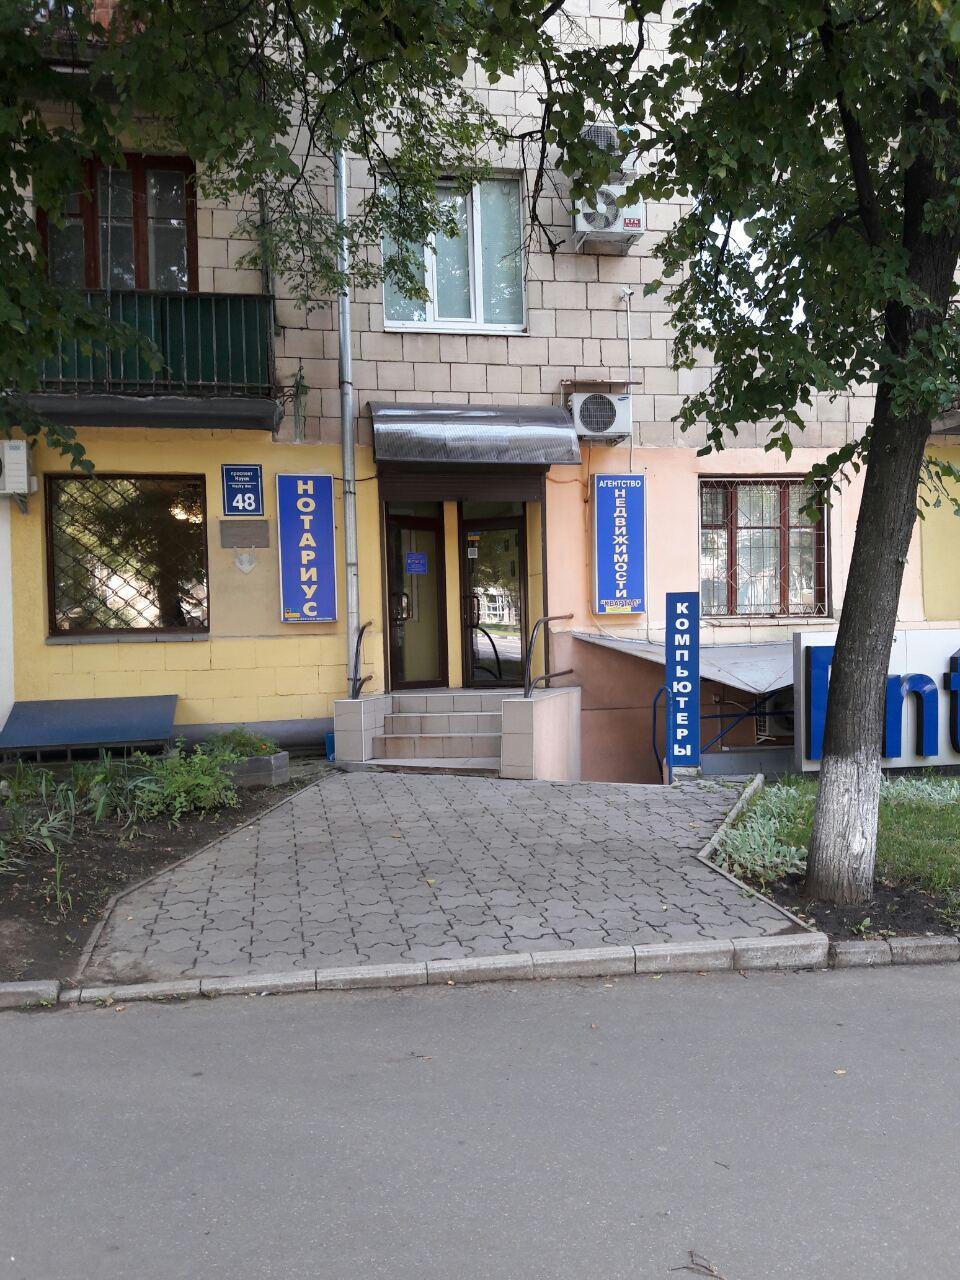 Агентство недвижимости Квартал на Павловом Поле (pavlovo pole)